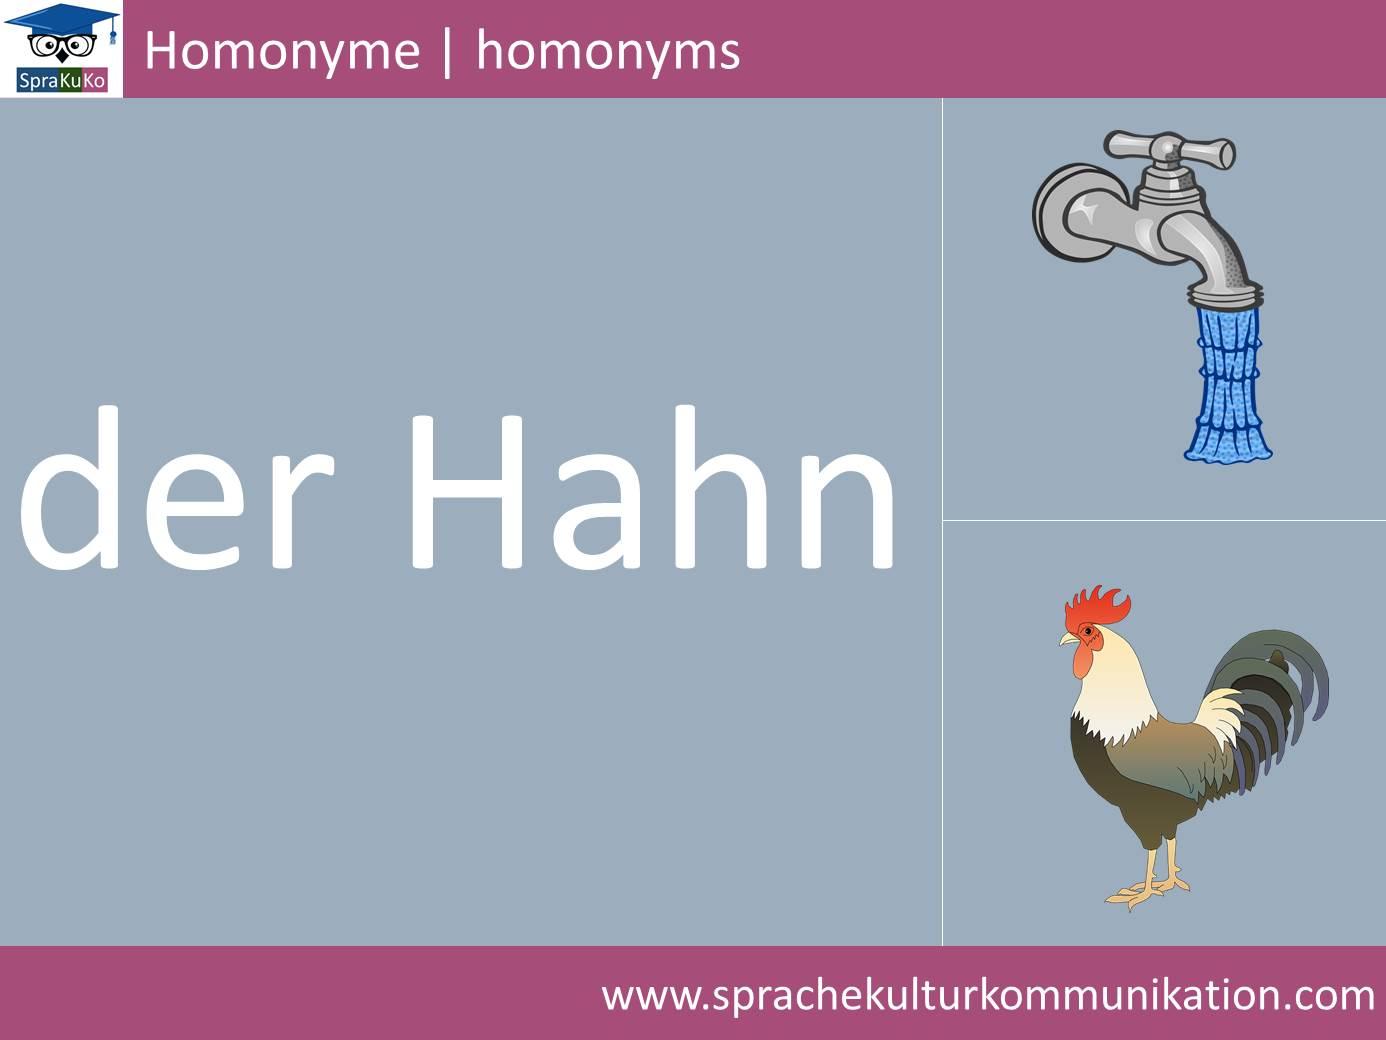 Wortschatz Homonym.jpg